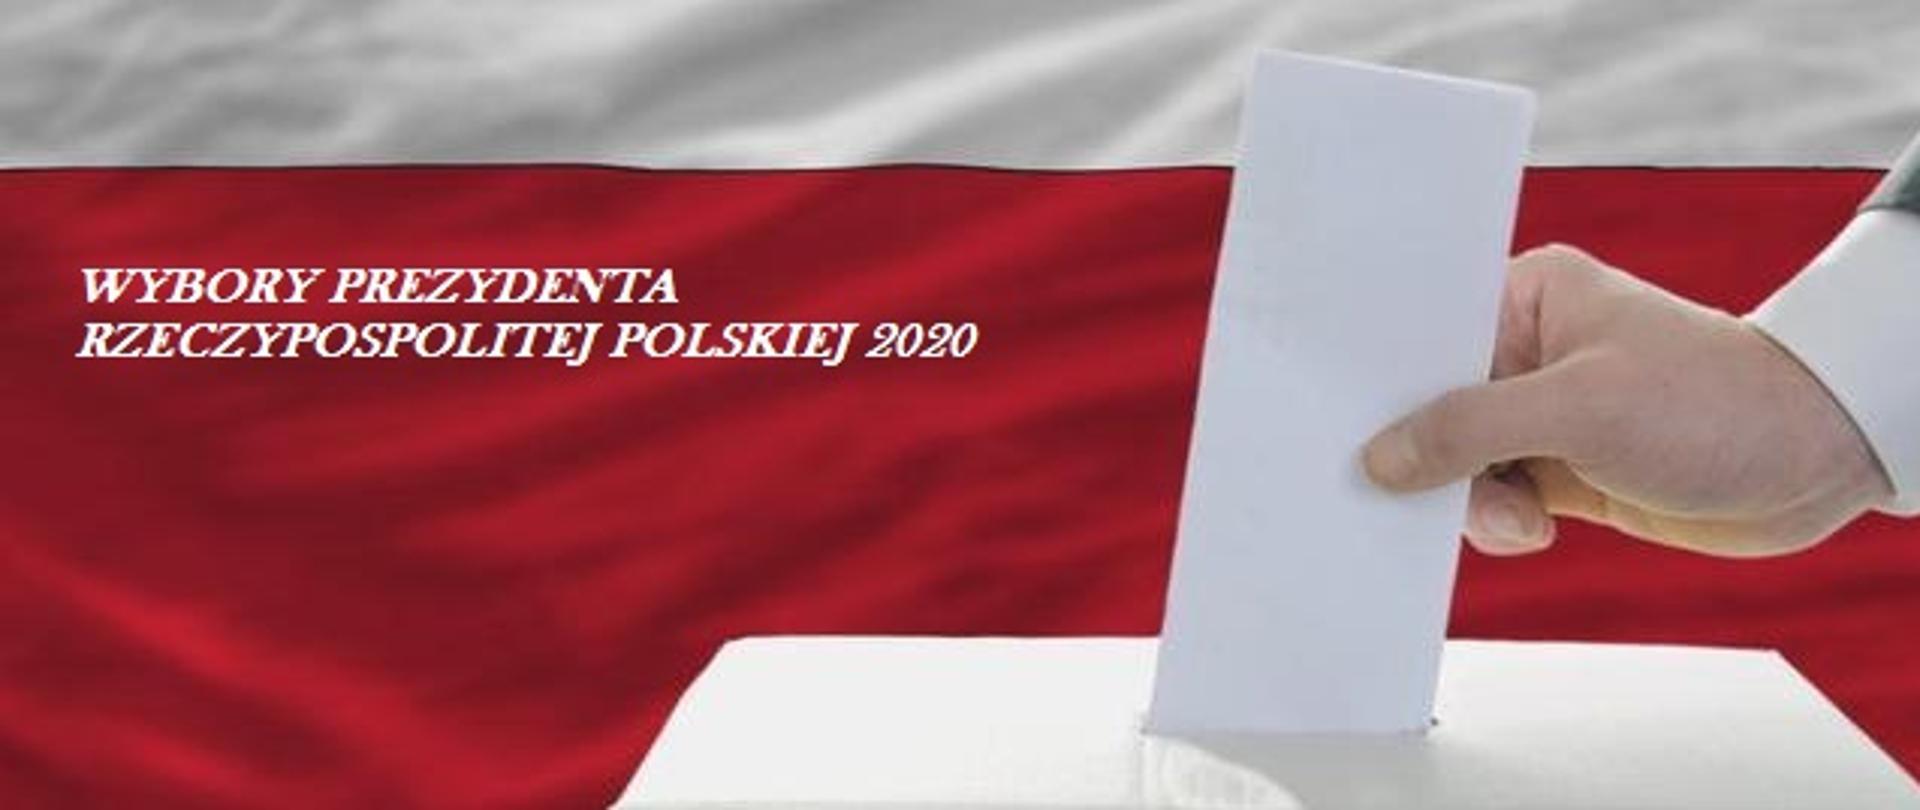 Wybory Prezydenta Rzeczypospolitej Polskiej – 12.07.2020 r.